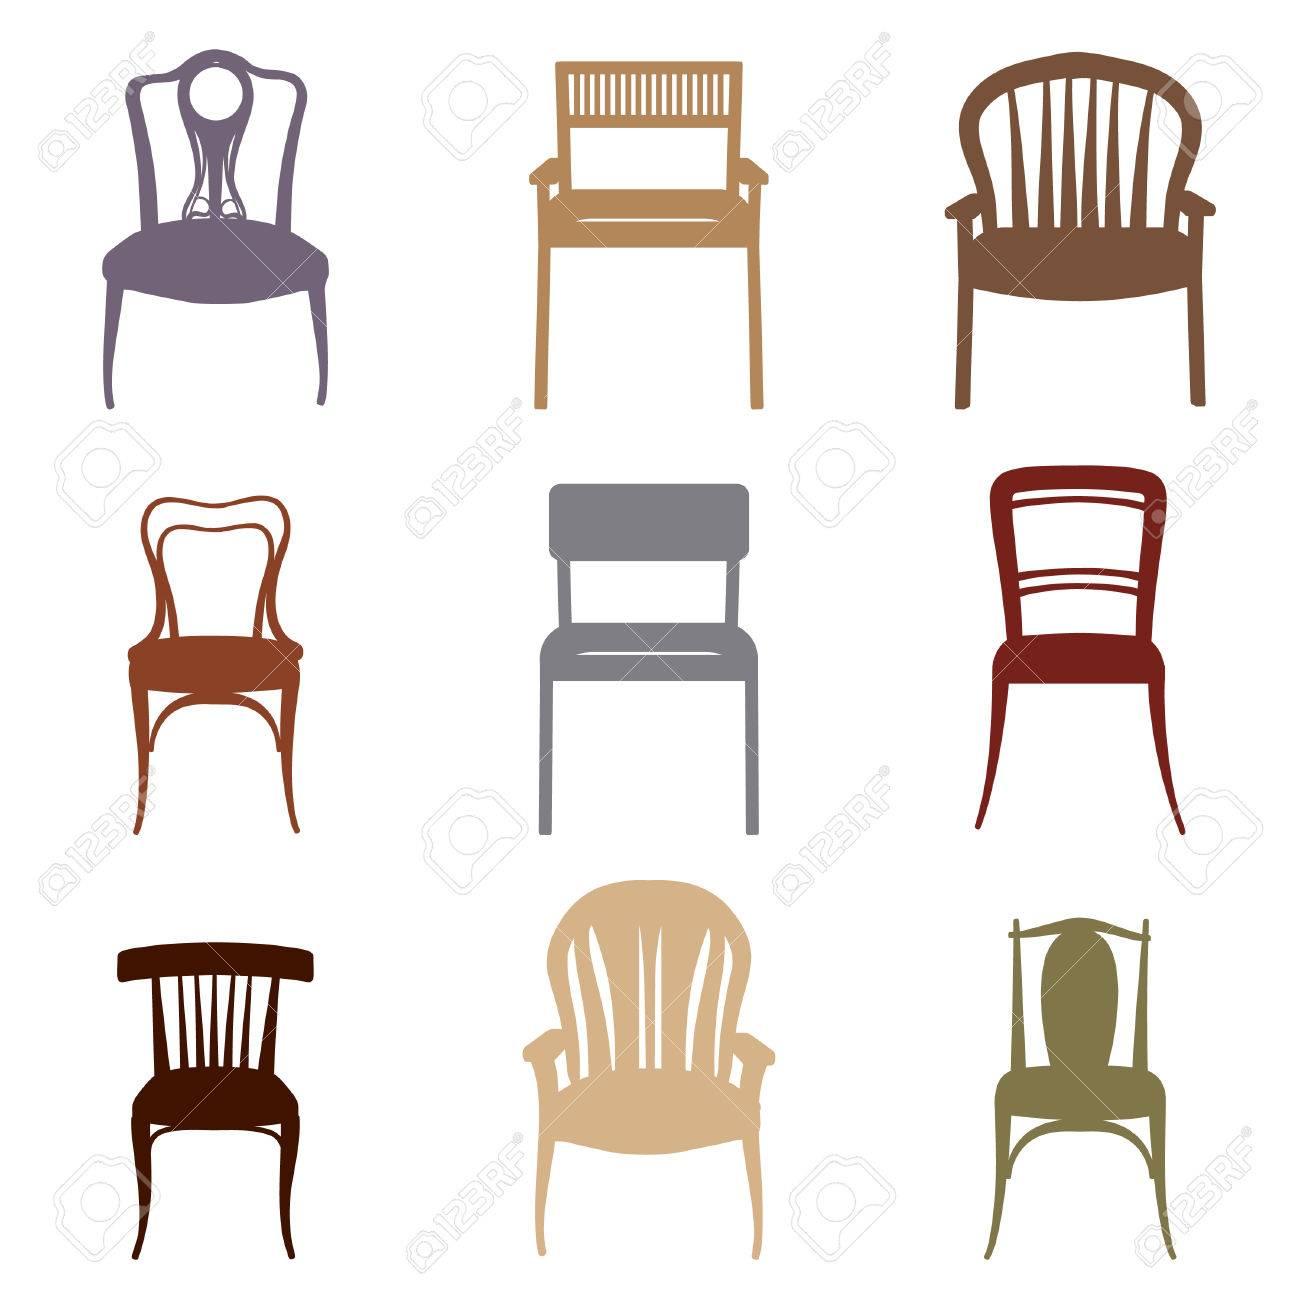 moderne moebel fuer haus, stühle und sessel silhouette set. moderne und antike möbel, Design ideen